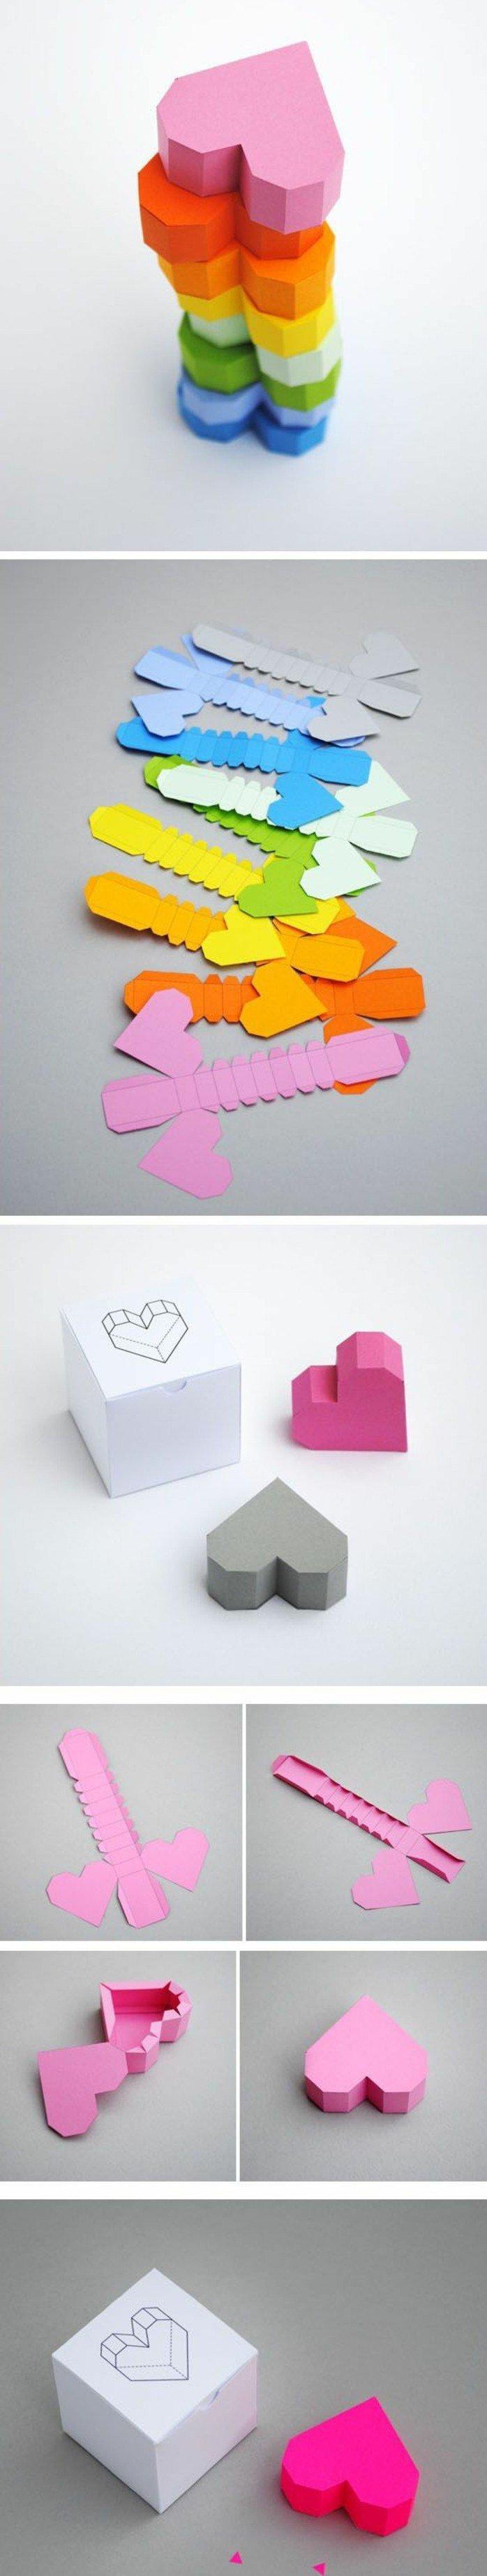 1001 id es comment faire une bo te en papier pinterest boite en papier formes de coeur et. Black Bedroom Furniture Sets. Home Design Ideas